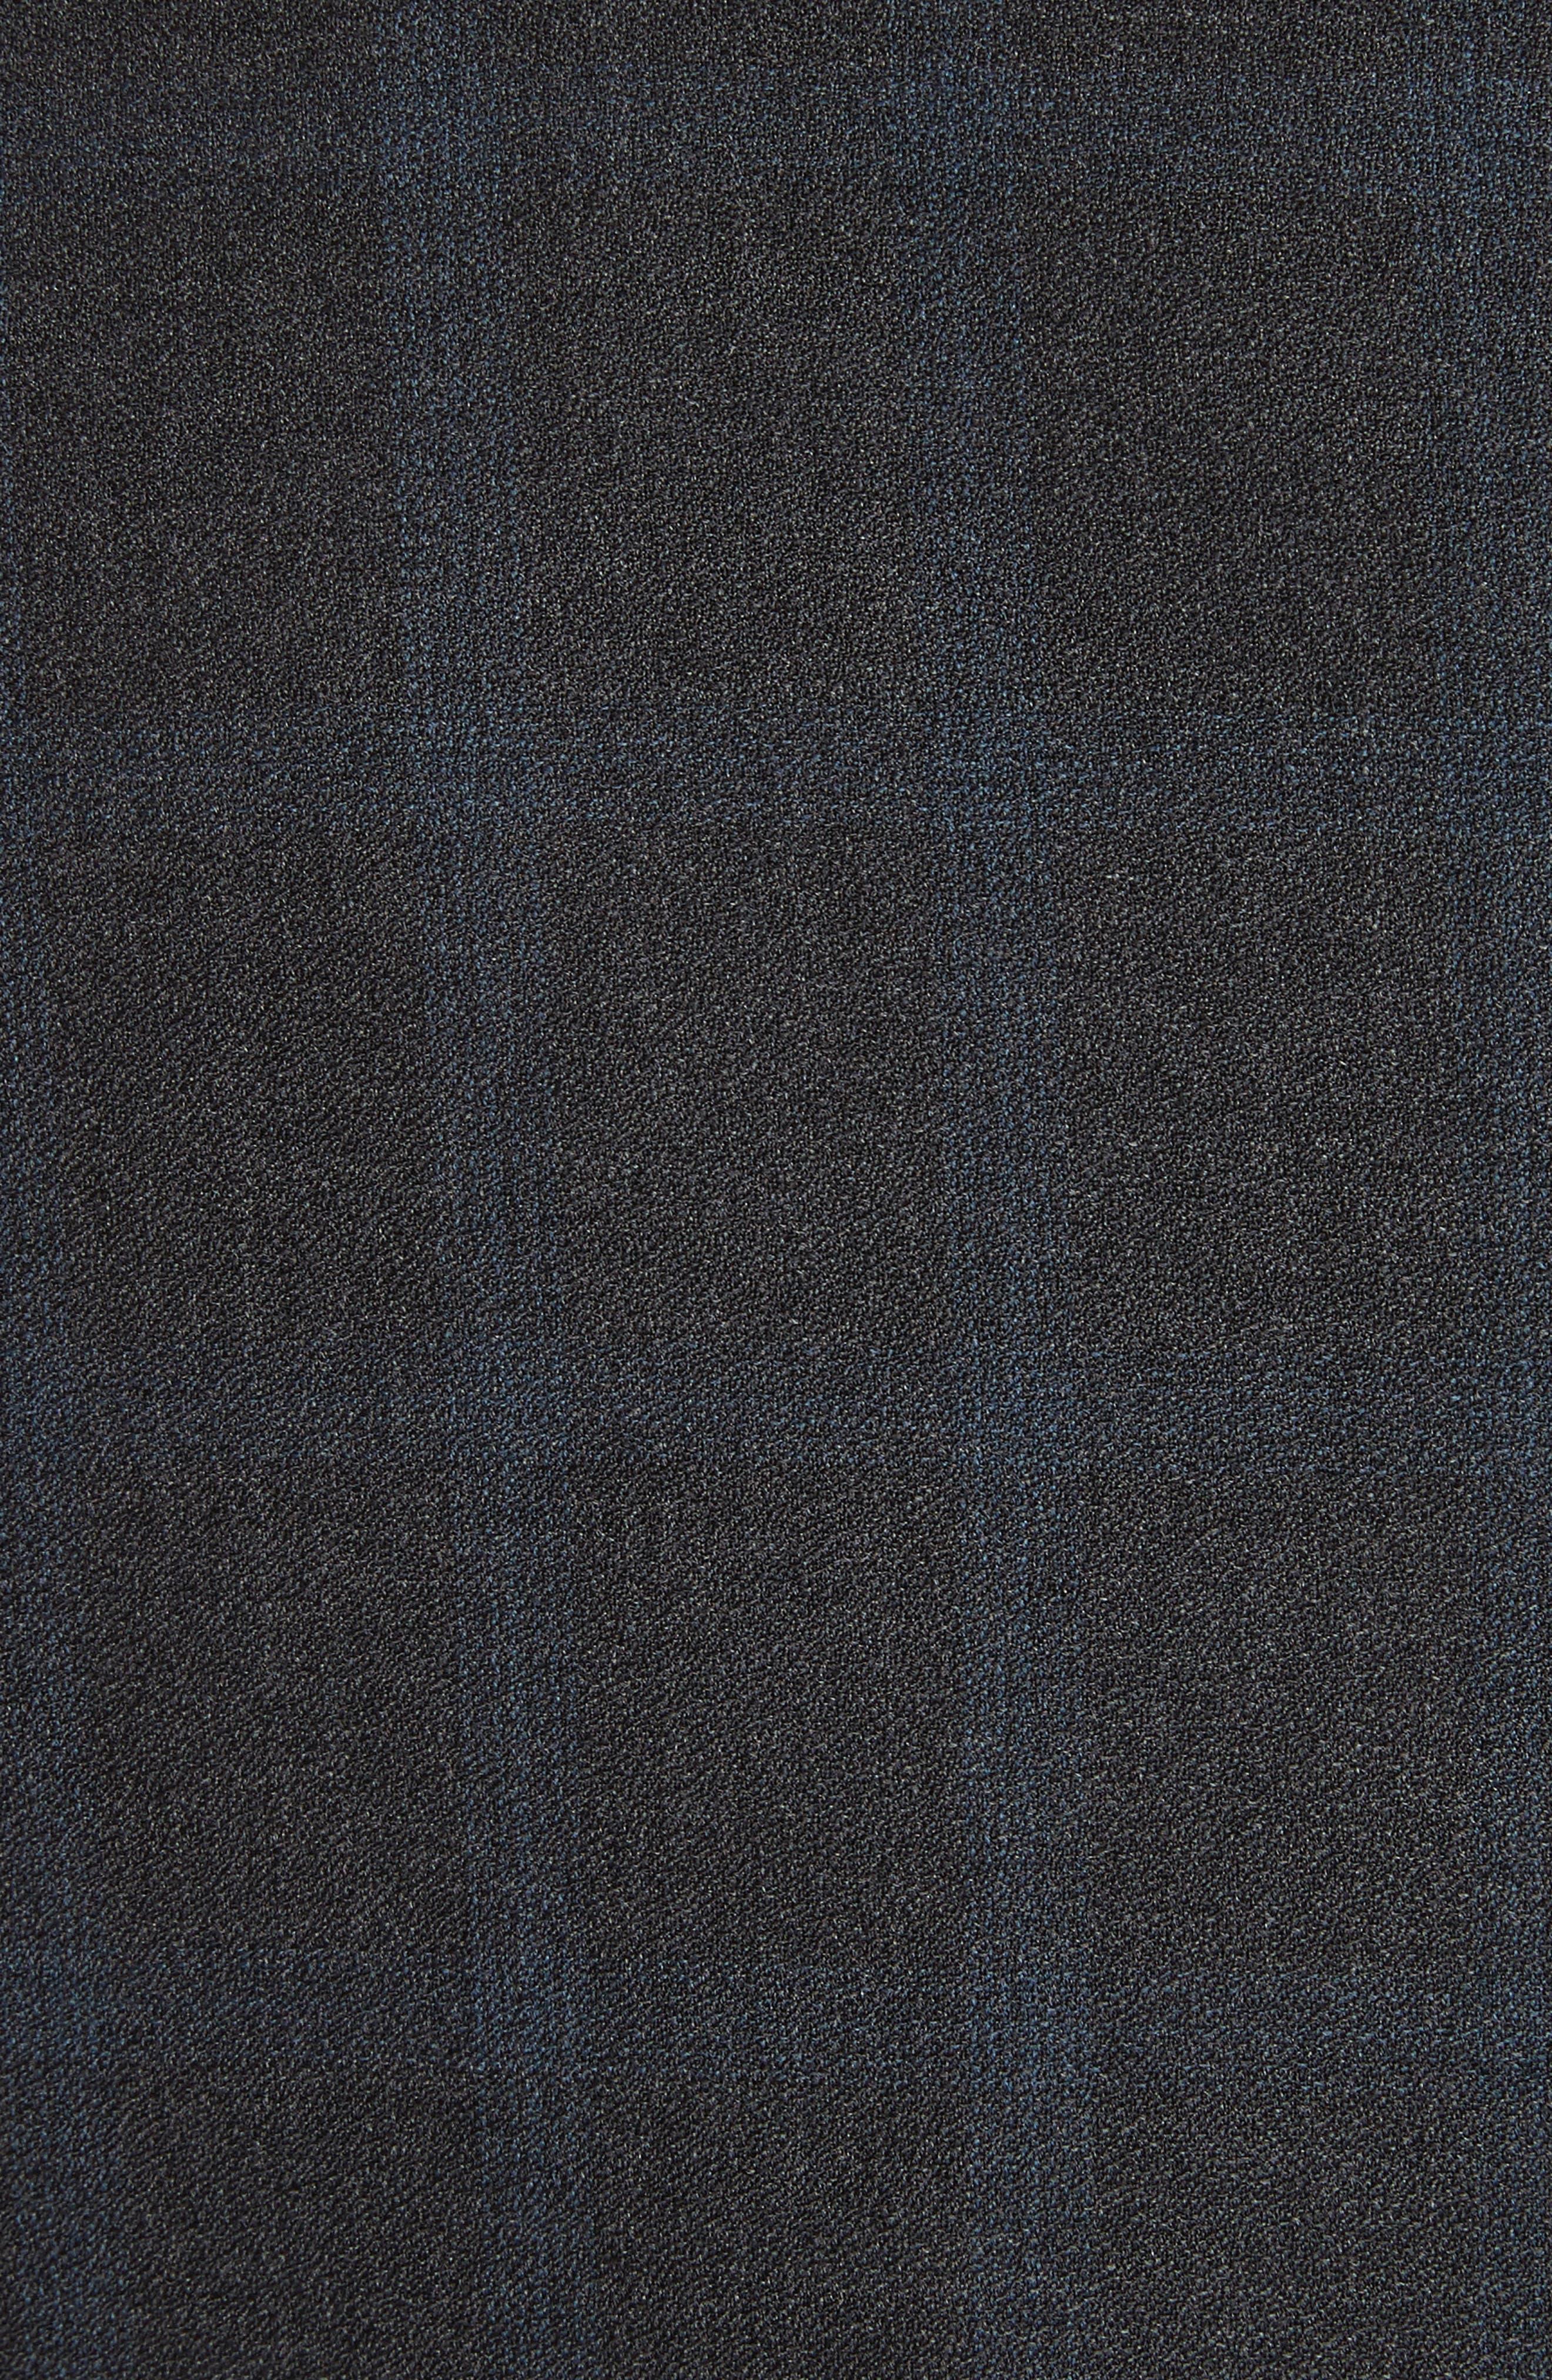 G-Line Trim Fit Plaid Wool Suit,                             Alternate thumbnail 7, color,                             Black